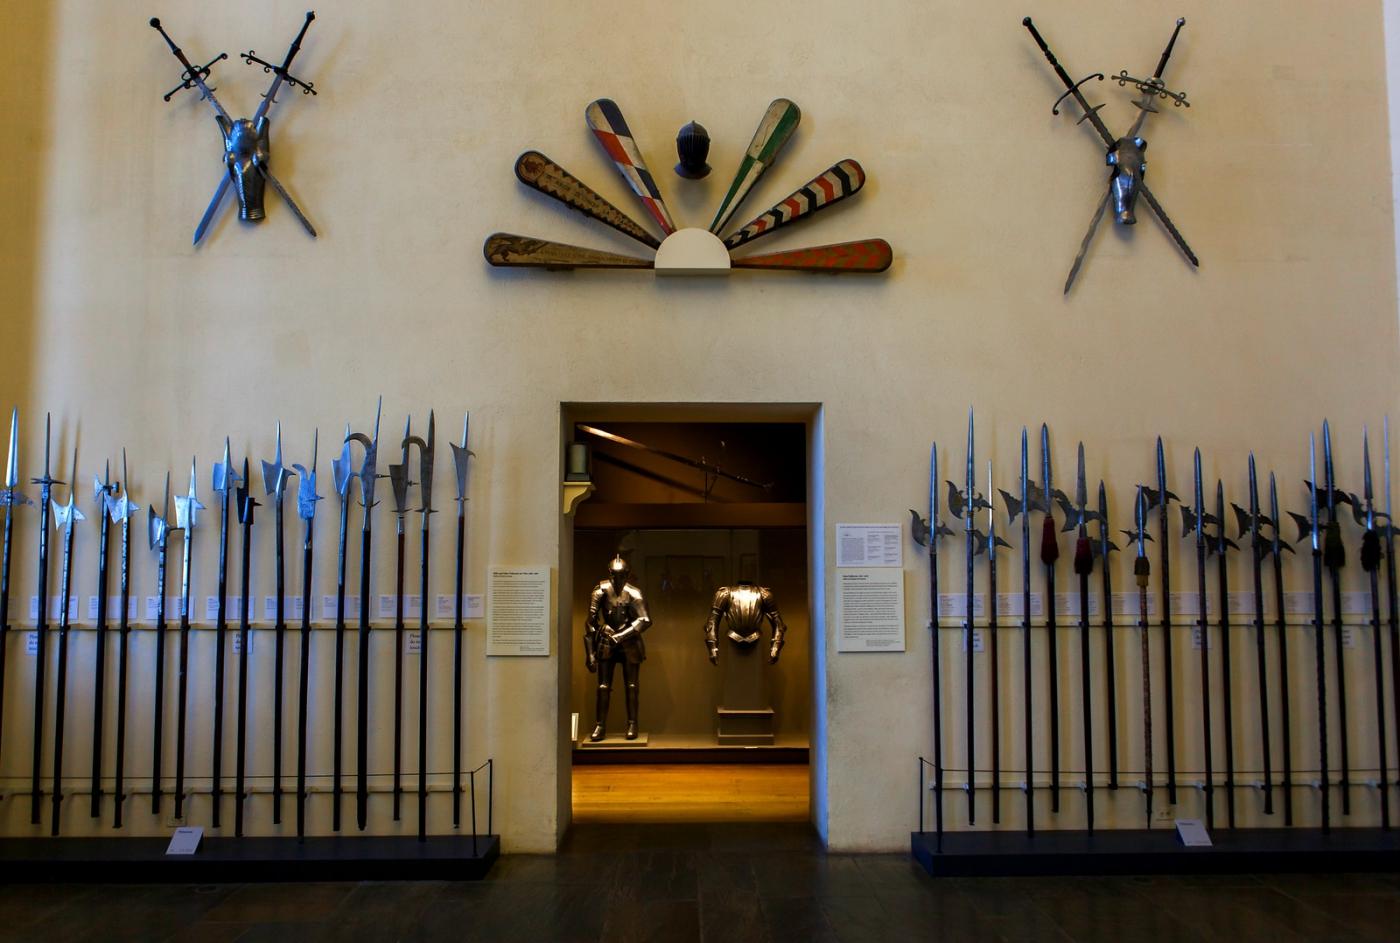 费城艺术博物馆,藏品欣赏_图1-10